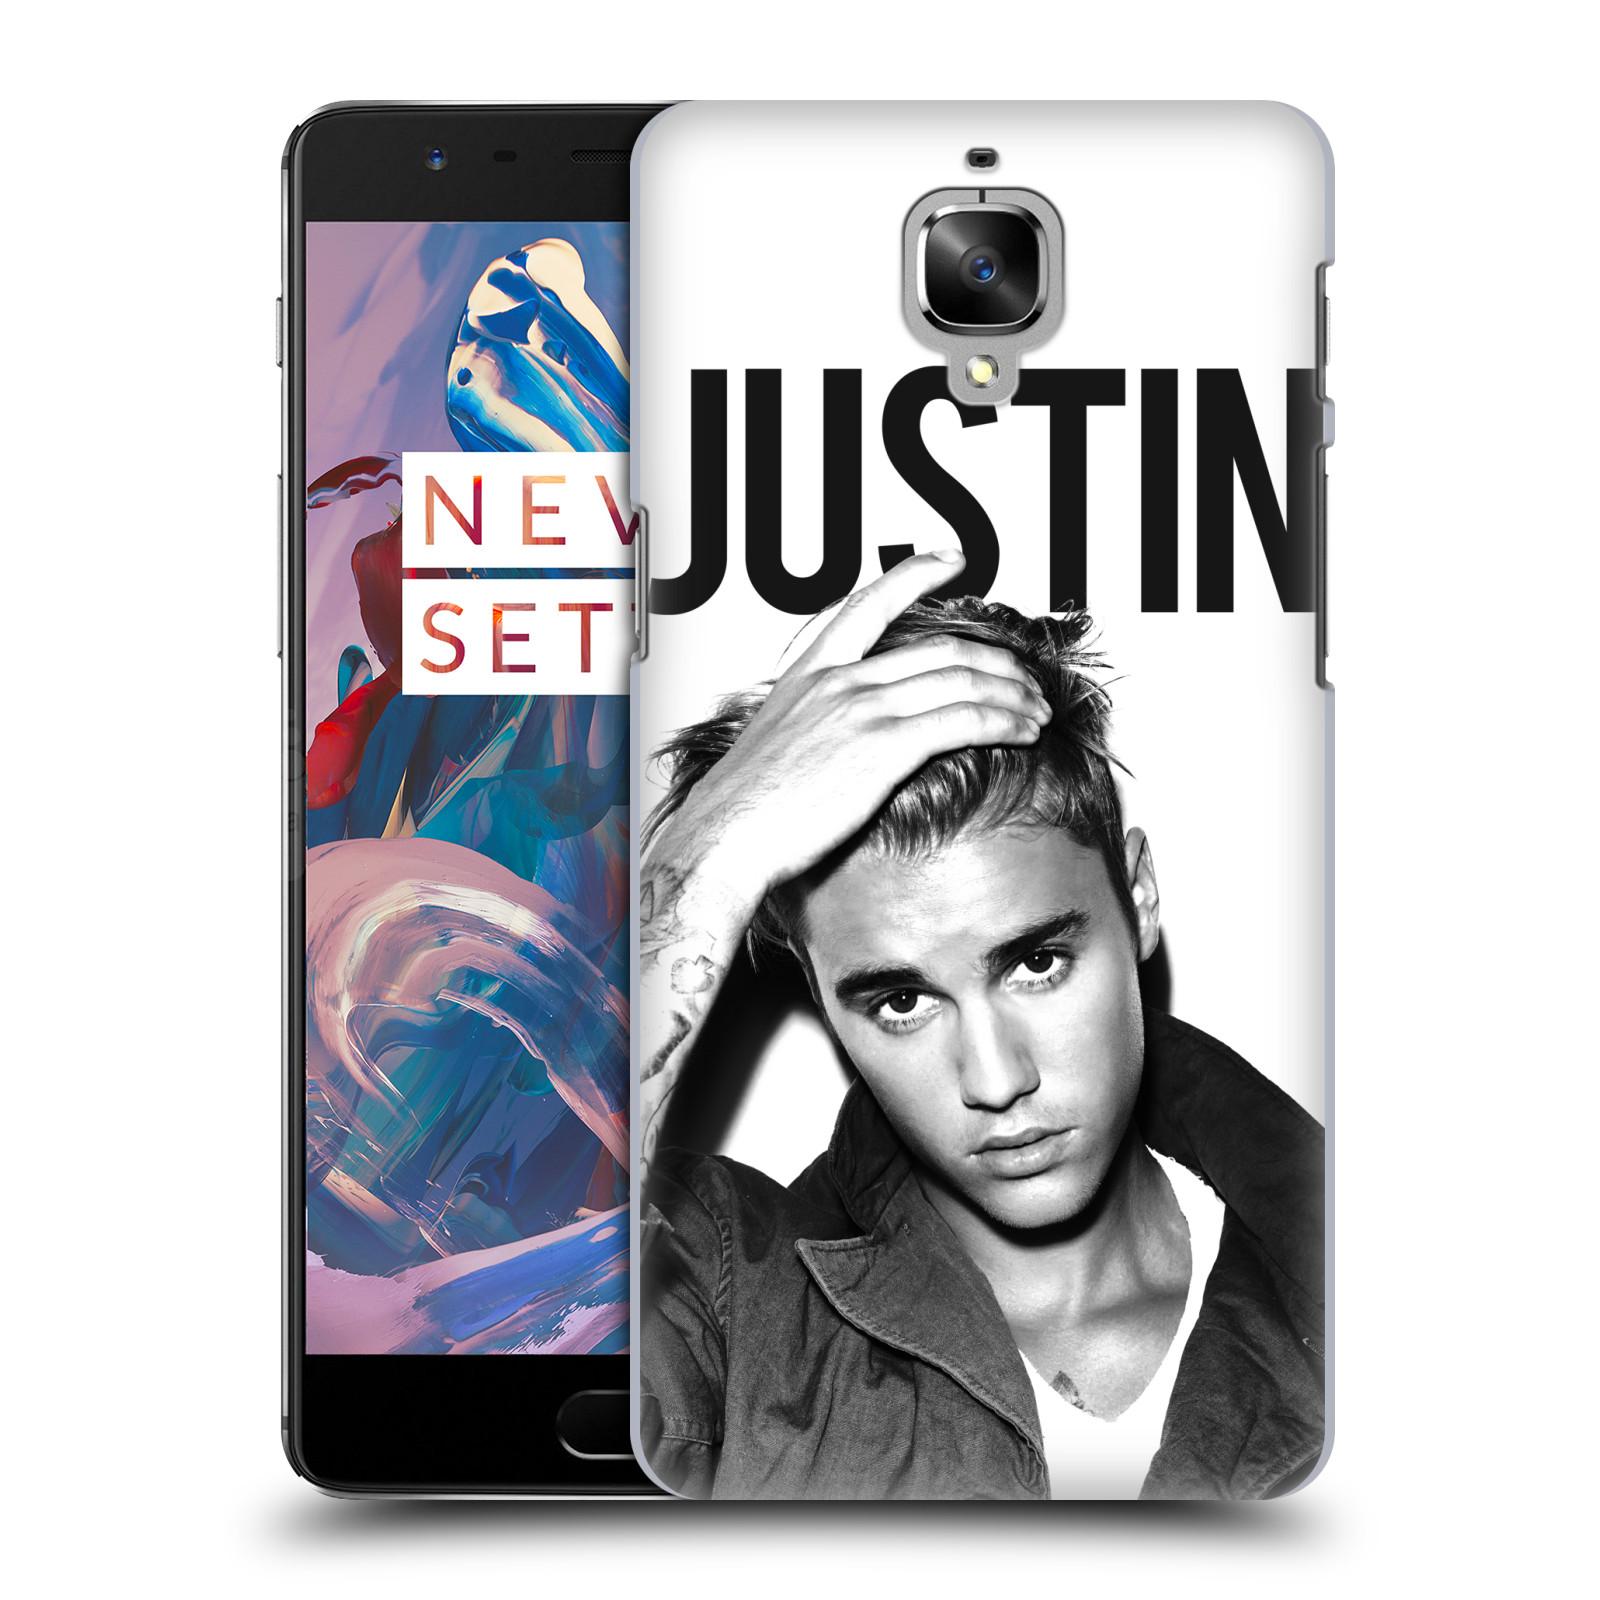 Plastové pouzdro na mobil OnePlus 3 HEAD CASE Justin Bieber Official - Póza (Plastový kryt či obal na mobilní telefon s licencovaným motivem Justin Bieber pro OnePlus 3 / Three)